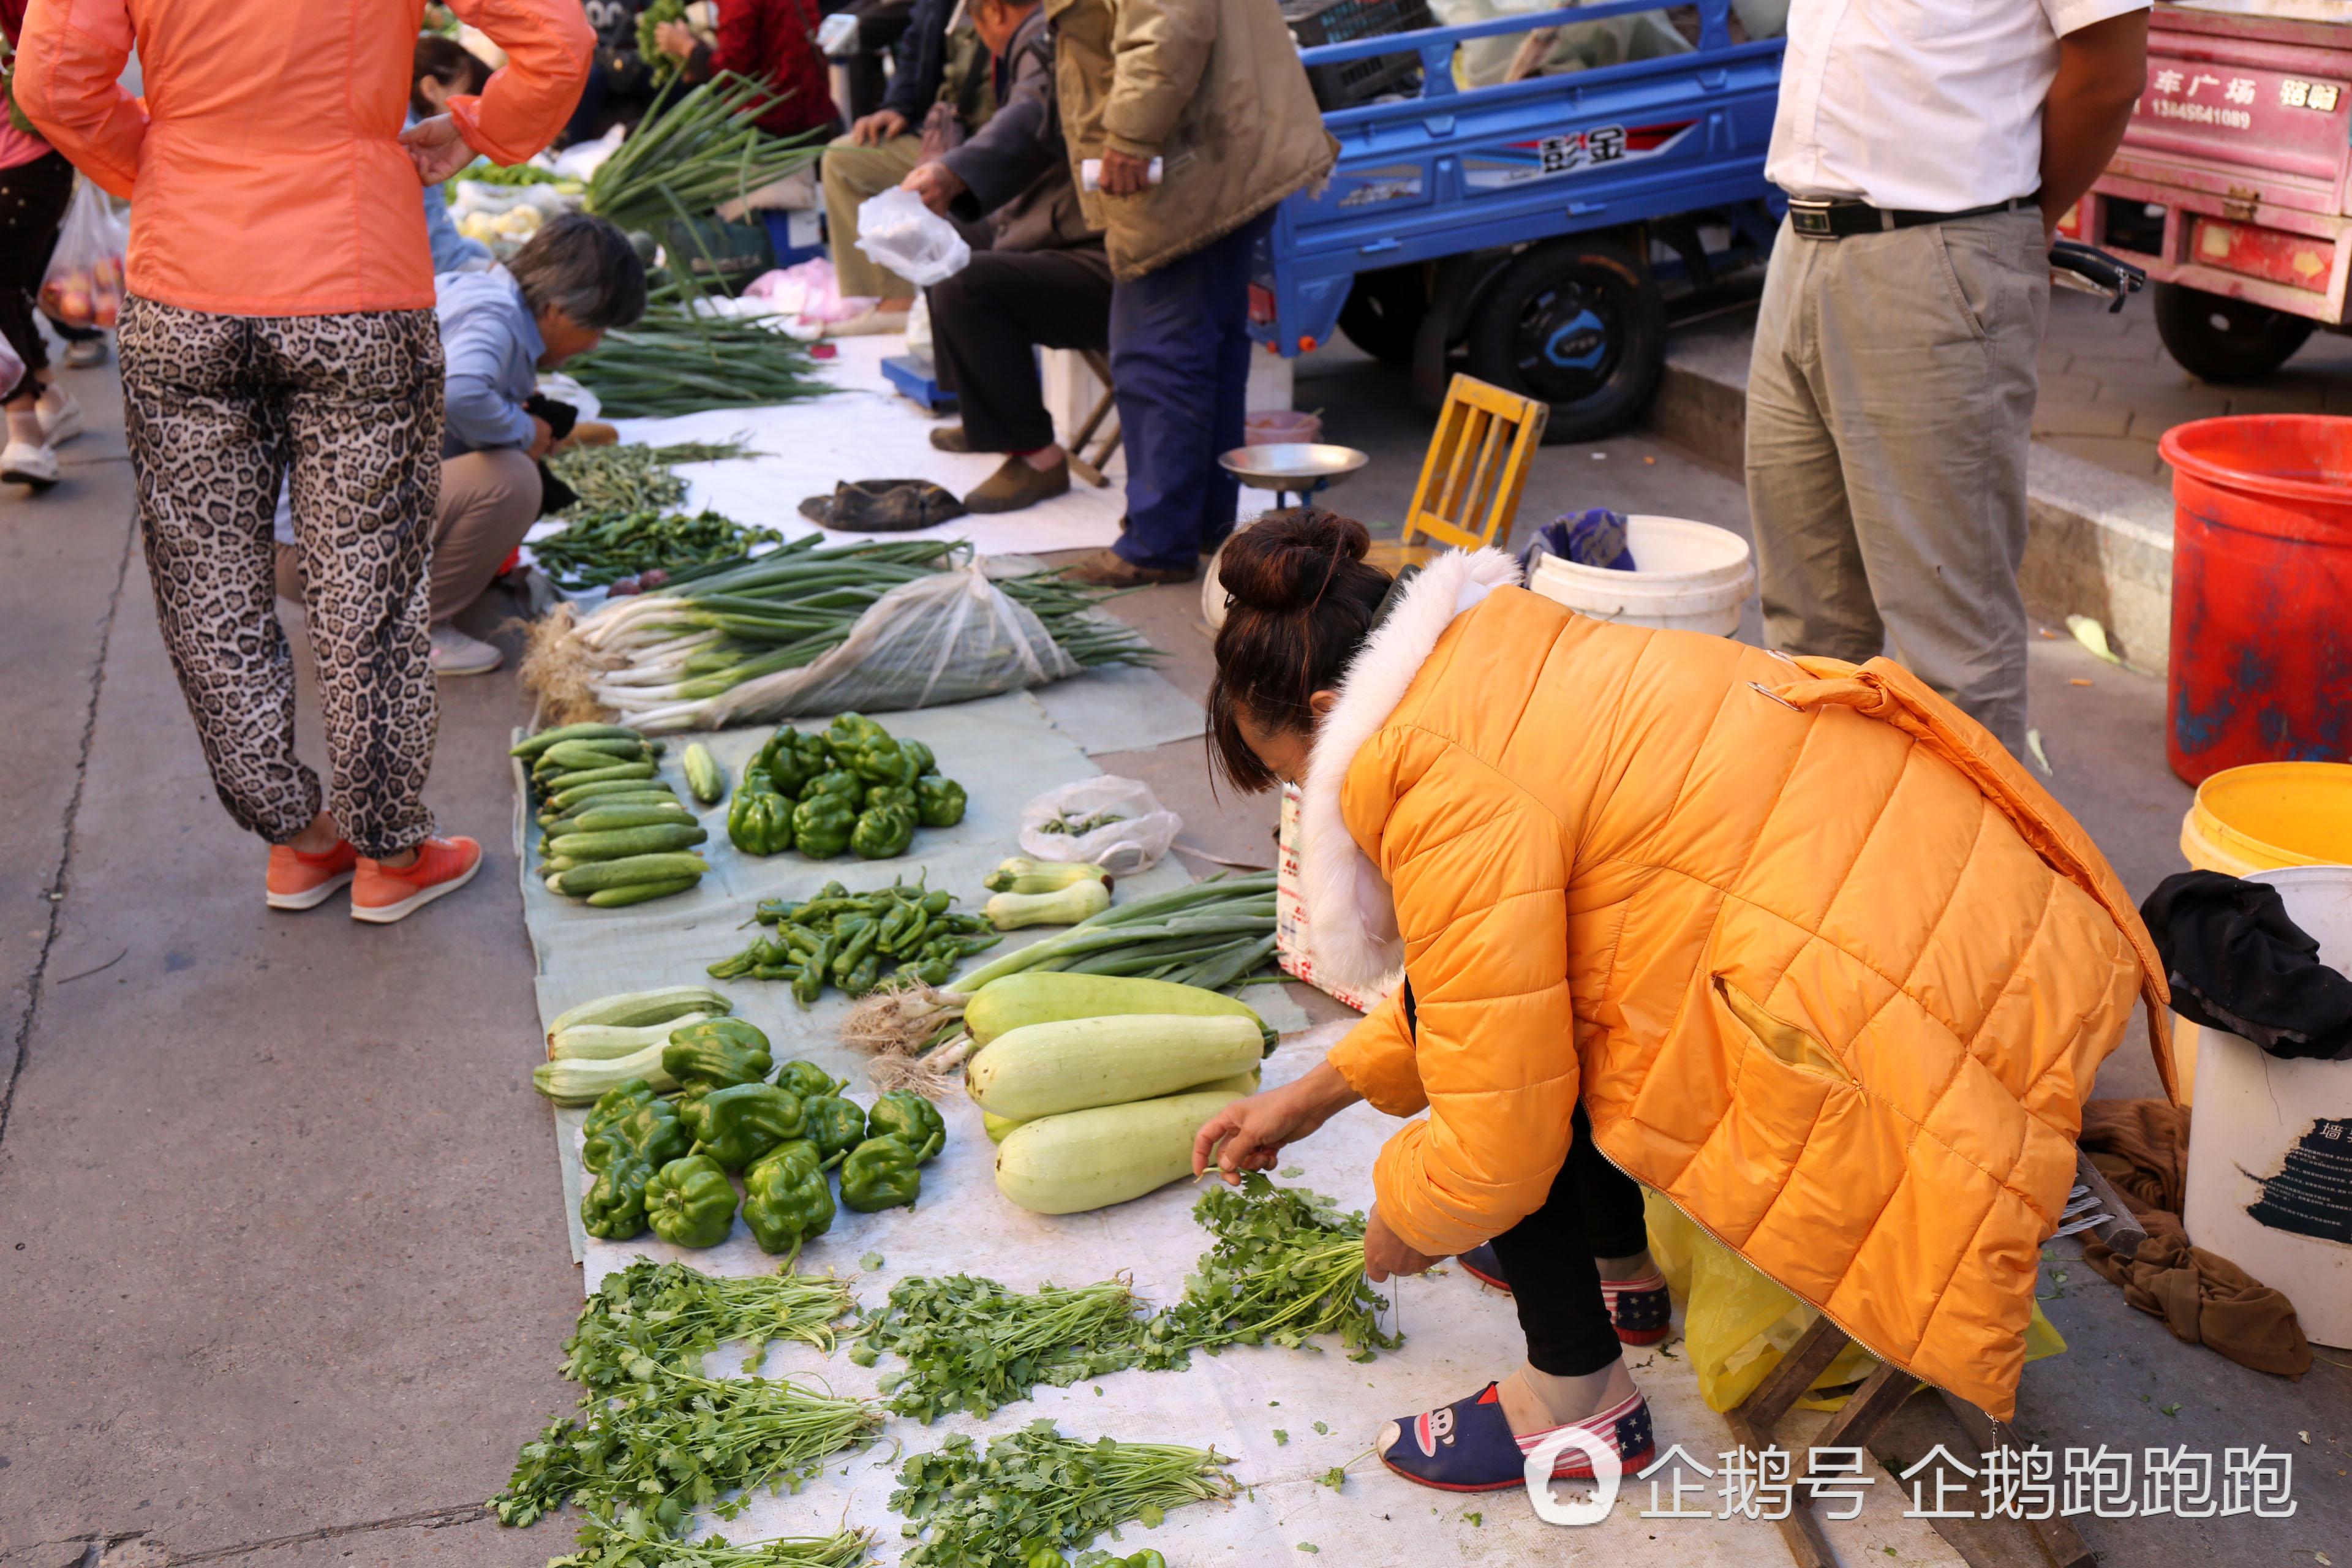 黑龙江的三伏天:人们裹棉被棉袄出行